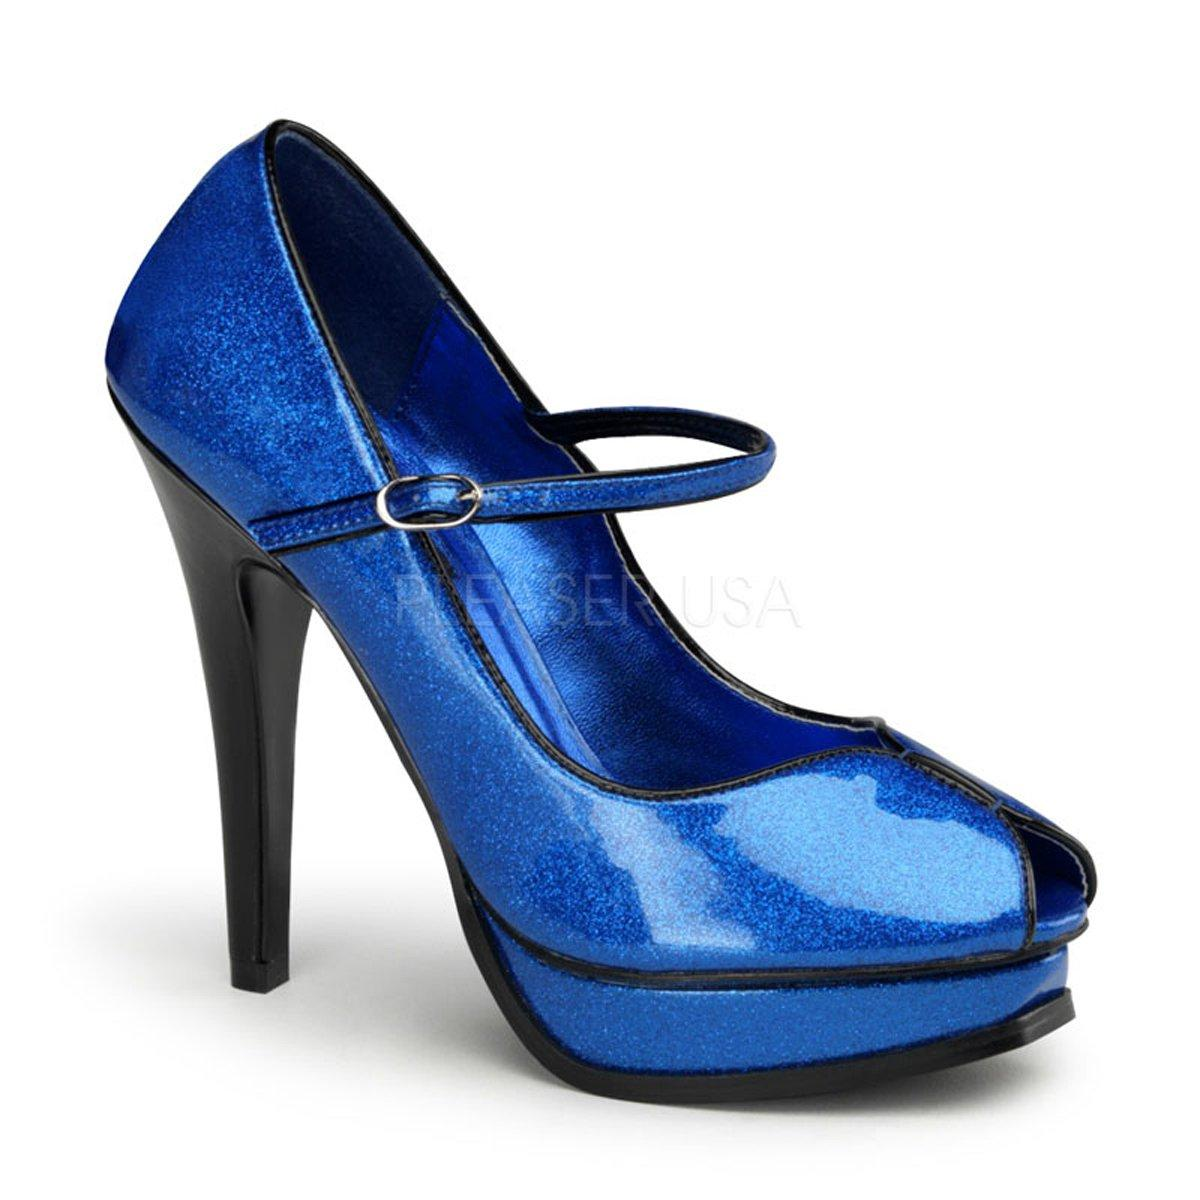 f1d3e457e50c PLEASURE-02G Luxusní modré lodičky s otevřenou špičkou na platformě a  podpatku